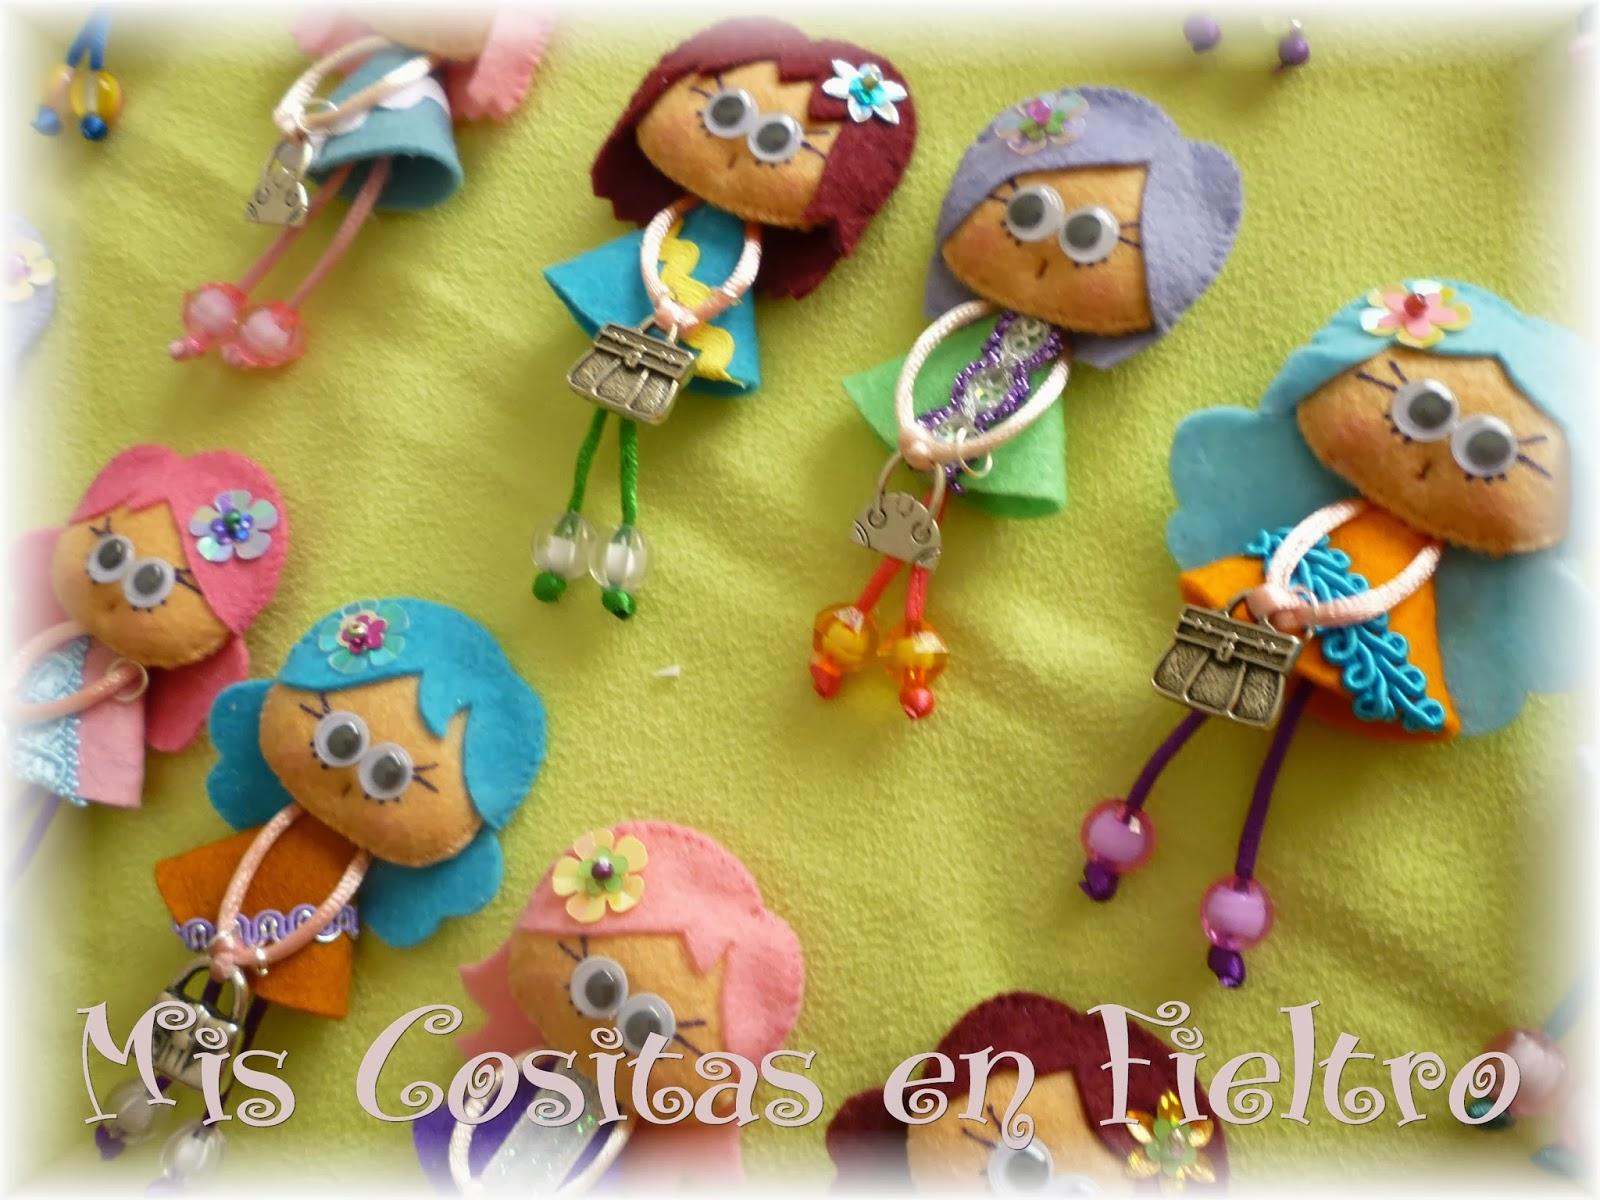 boda, souvenir boda, regalo boda, detalle boda, Pequechiñas, muñeca, fieltro, broche de fieltro, felt pin,